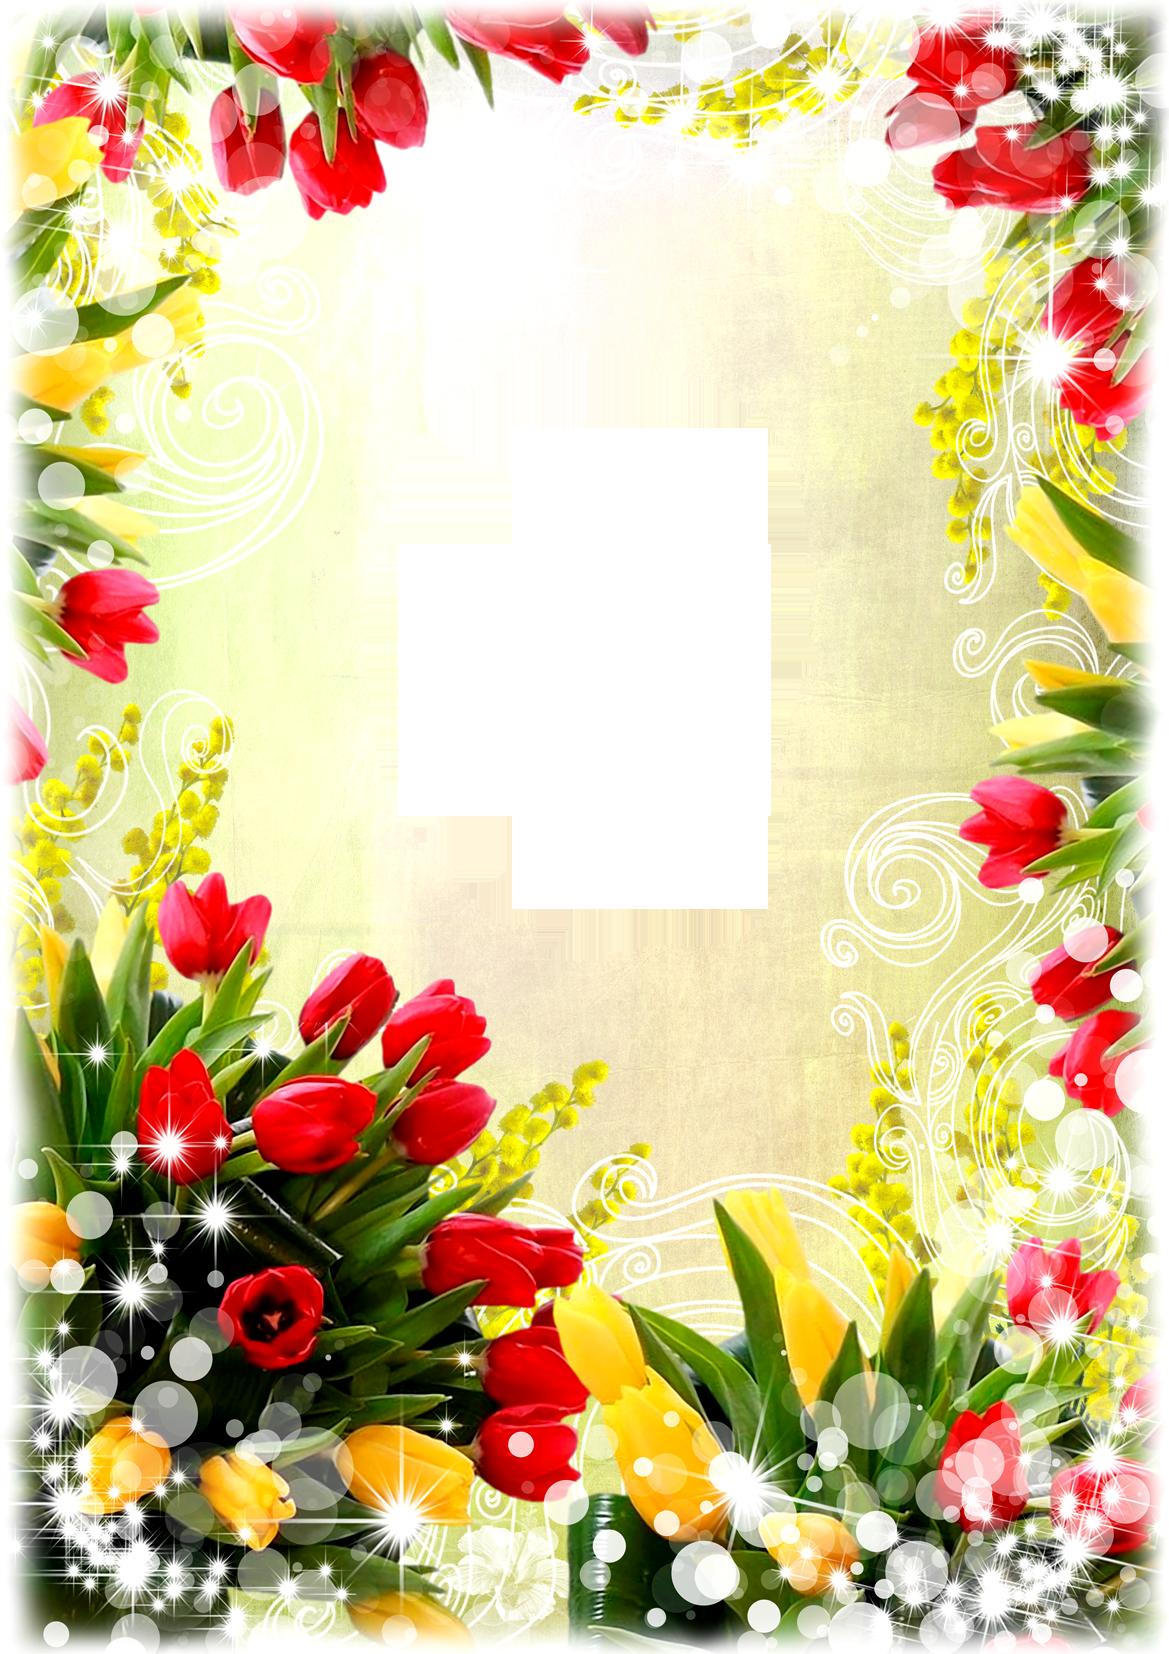 Flower Frame Png With Transparent Pictures - 5644 - TransparentPNG